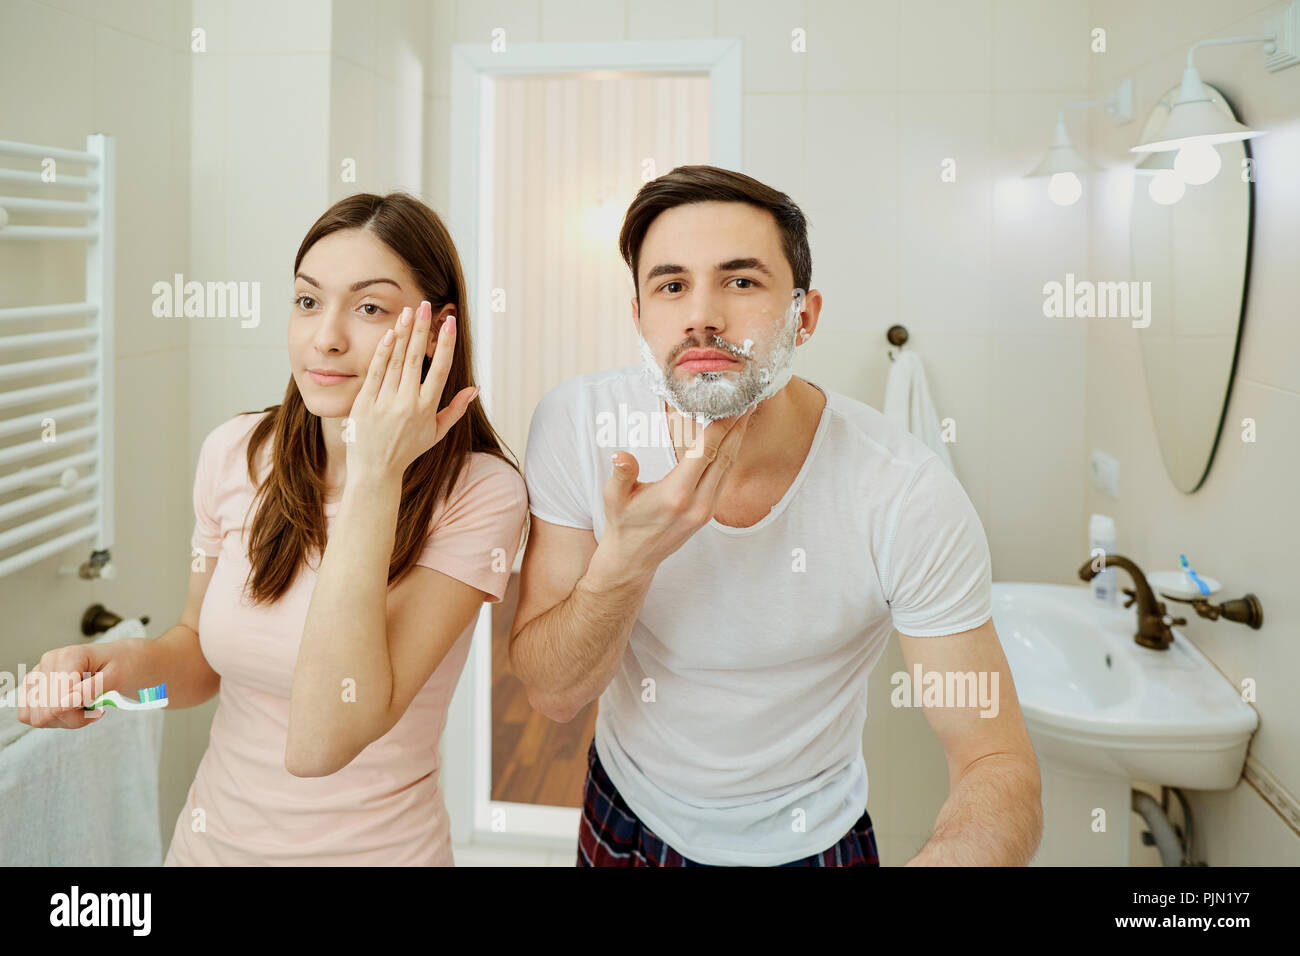 Paio di mattina igiene personale nella stanza da bagno Immagini Stock